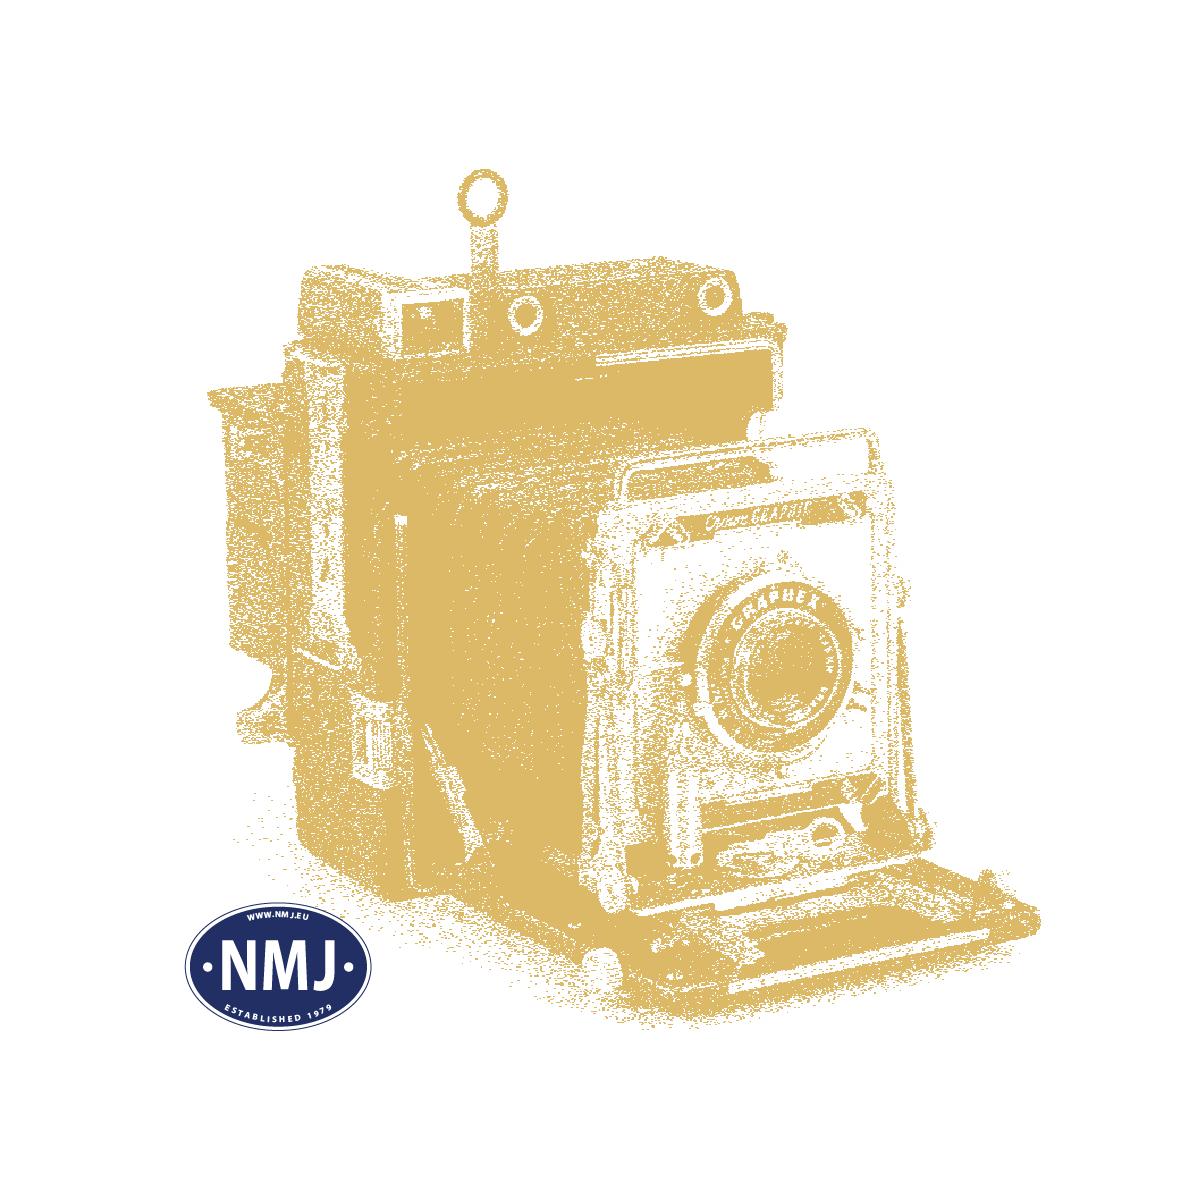 MBR50-3007 - Kleine Büsche hellgrün weidenblatt, 3 Stück, 4-6cm, N/TT/H0/0